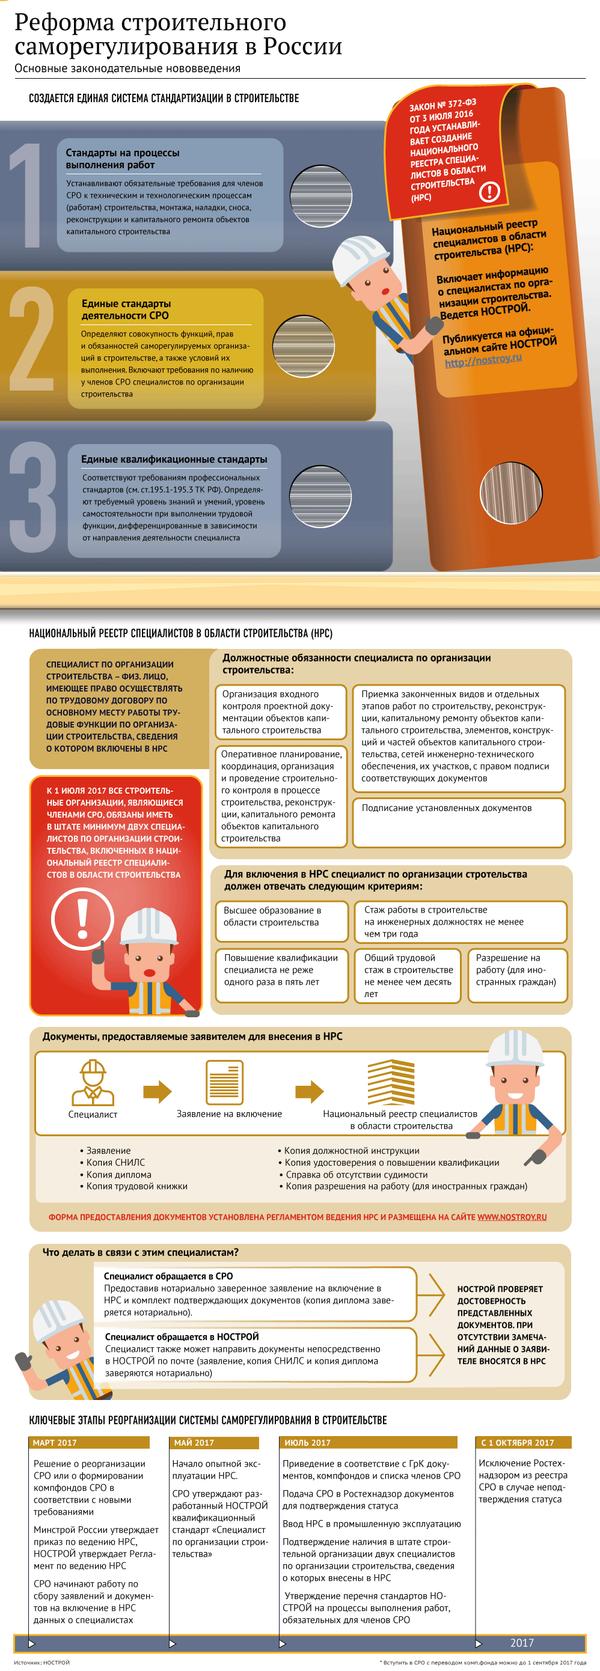 Реформа строительного саморегулирования: нацреестр специалистов